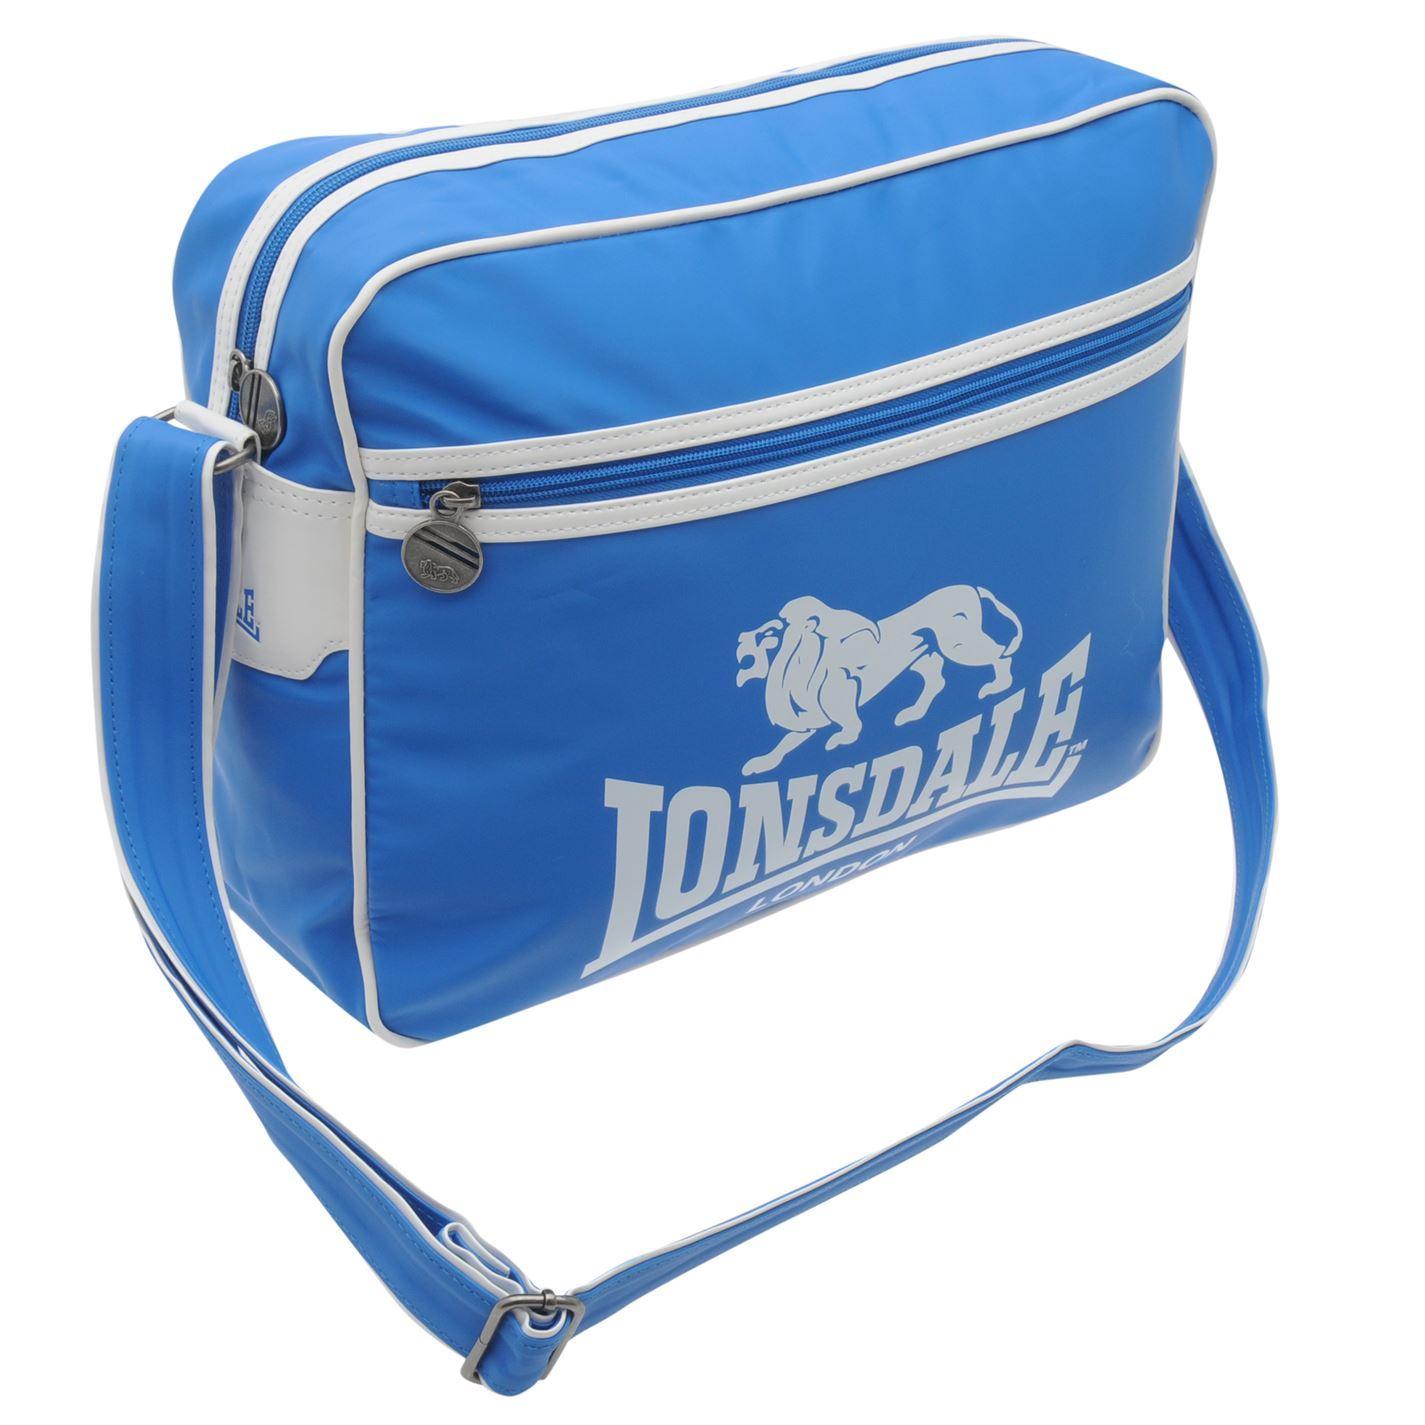 cfaff423ac35 Lonsdale London Flight Bags Messenger Bag Shoulder Bag